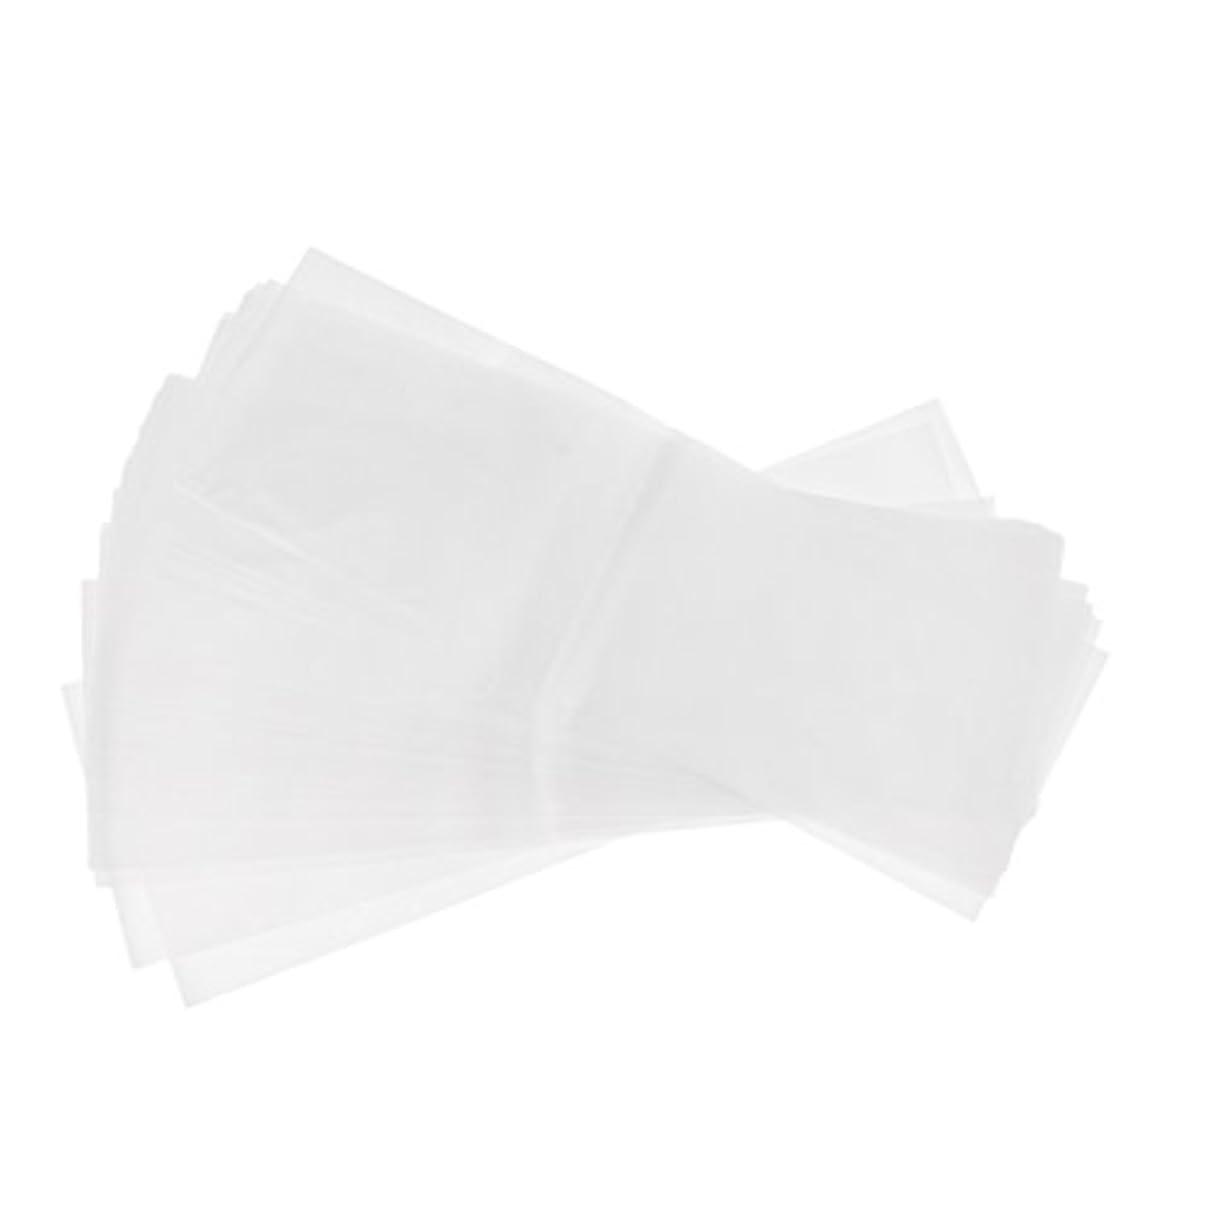 ミッションブランクリレー約50枚 プラスチック製 染毛紙 ハイライト サロン 毛染め紙 髪分け 便利 2タイプ選べ - ホワイト